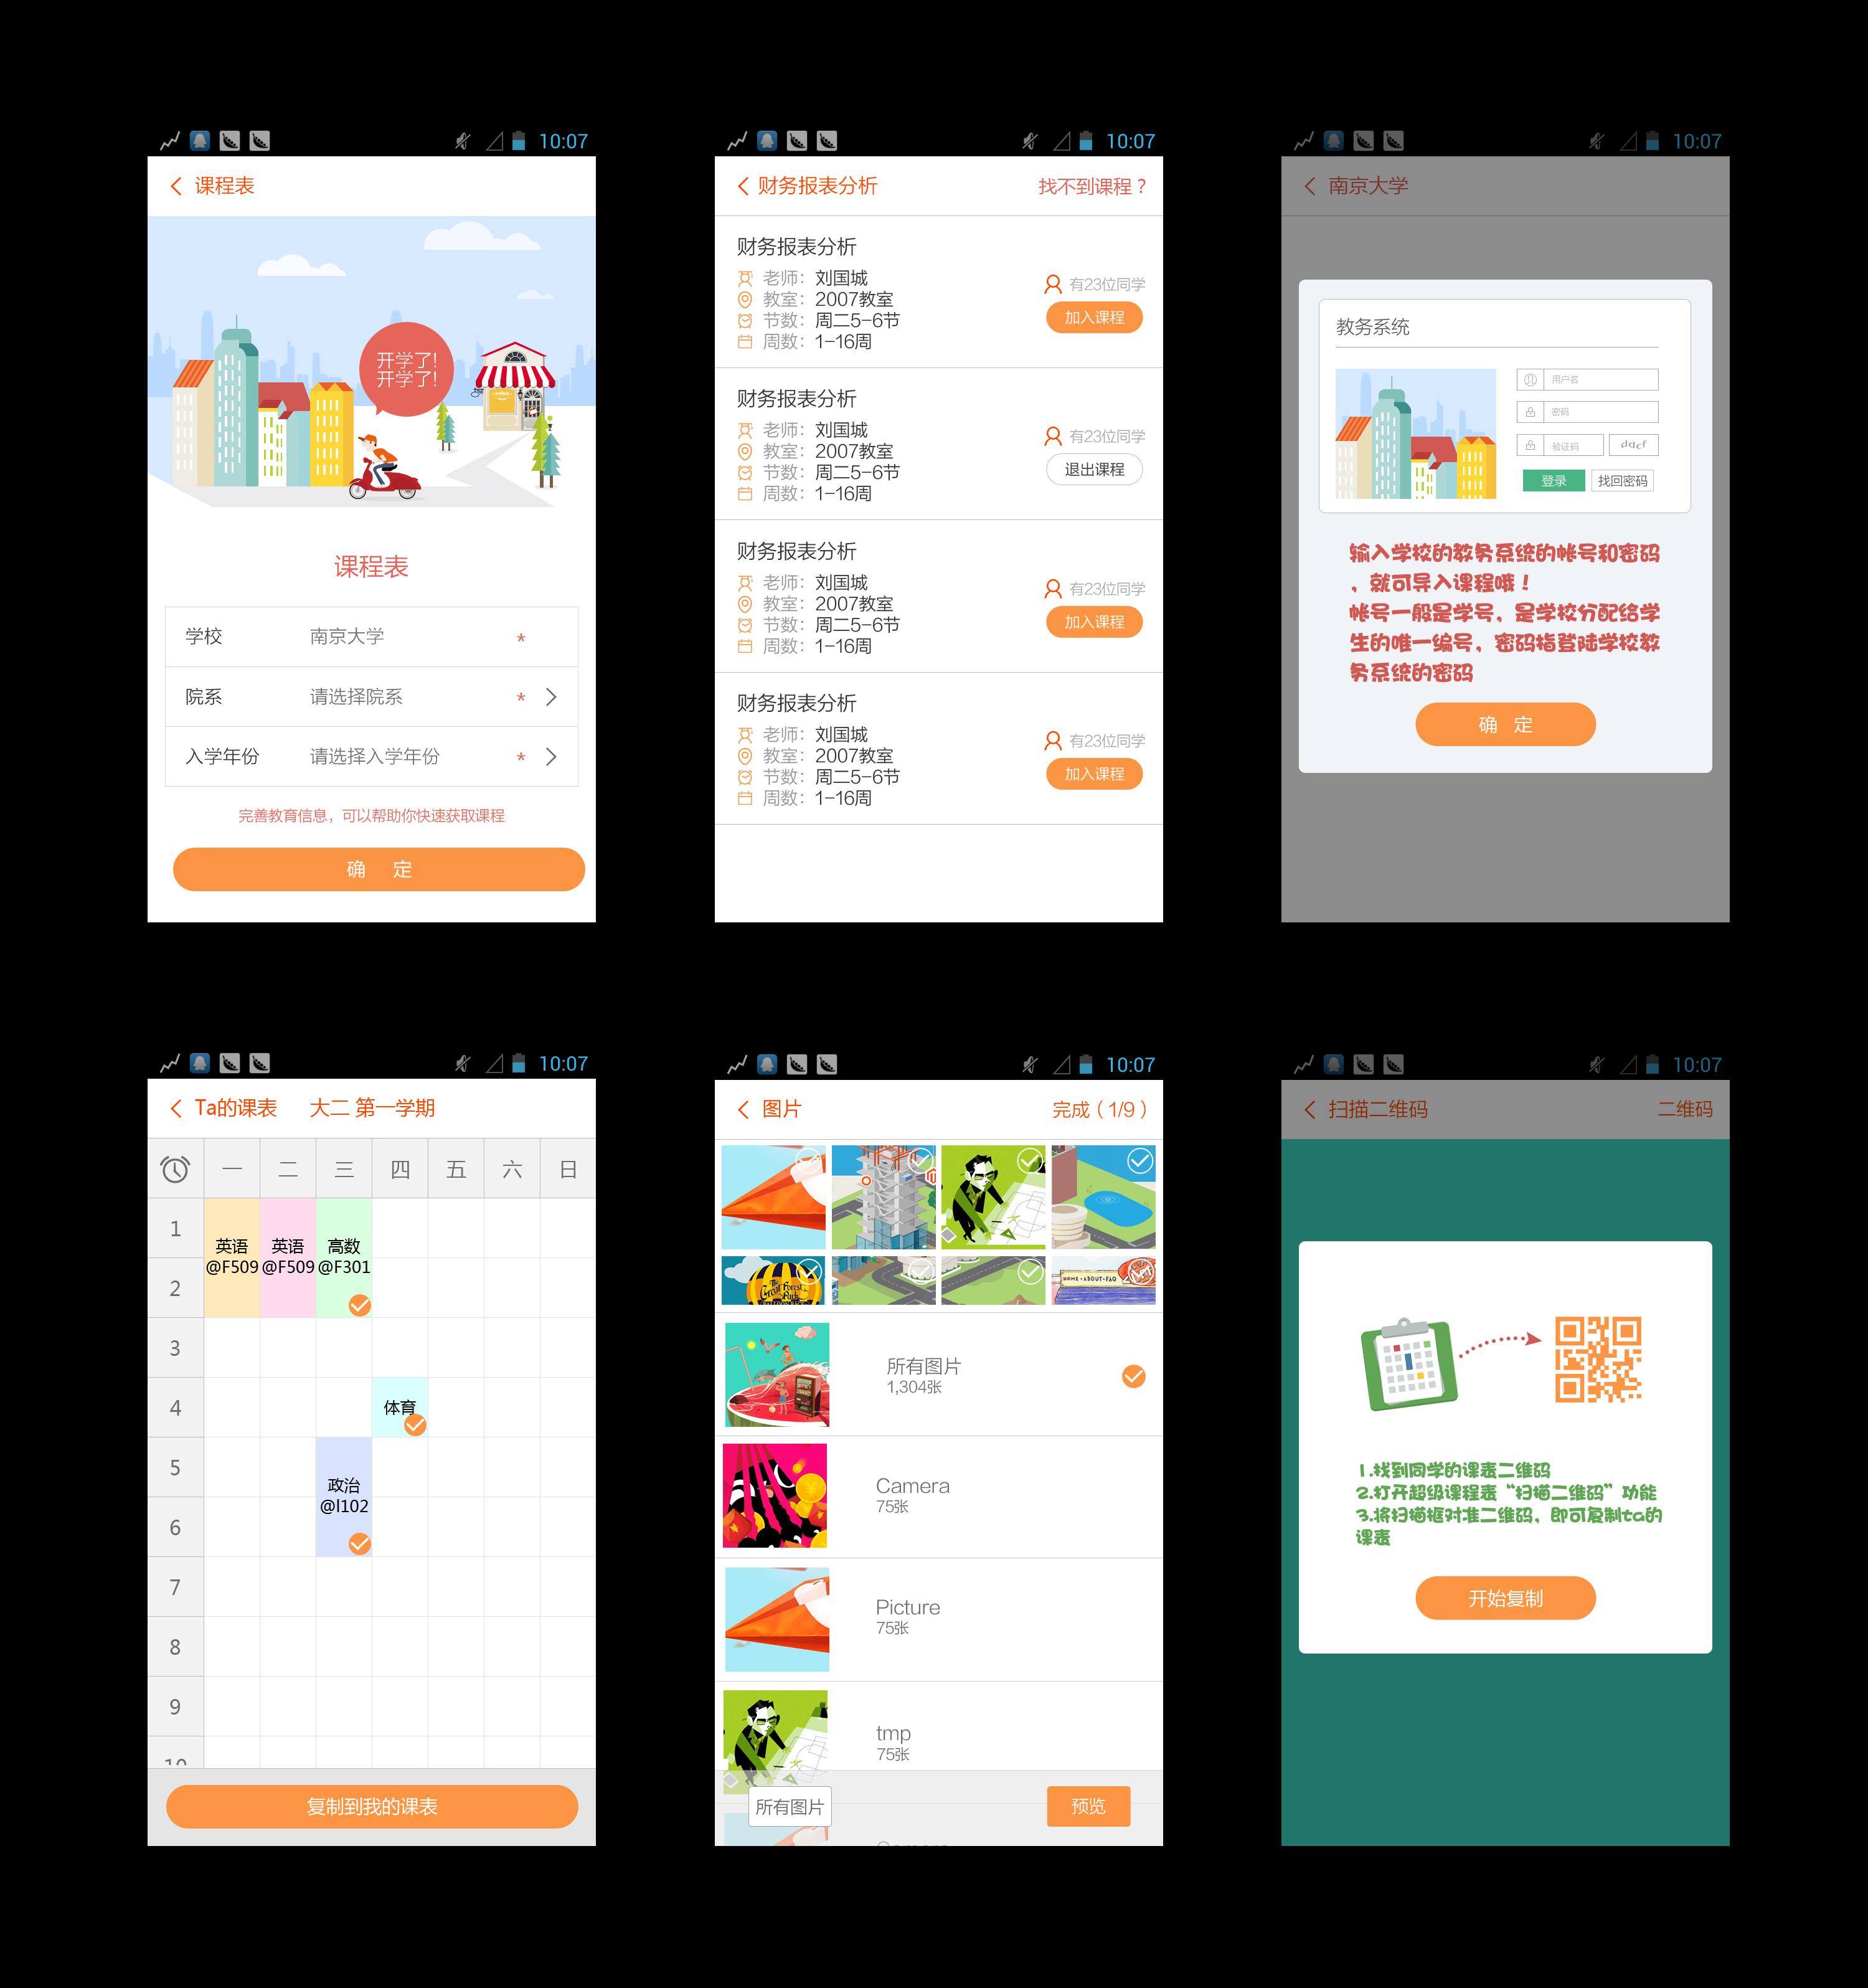 客户端课程表模块设计图片